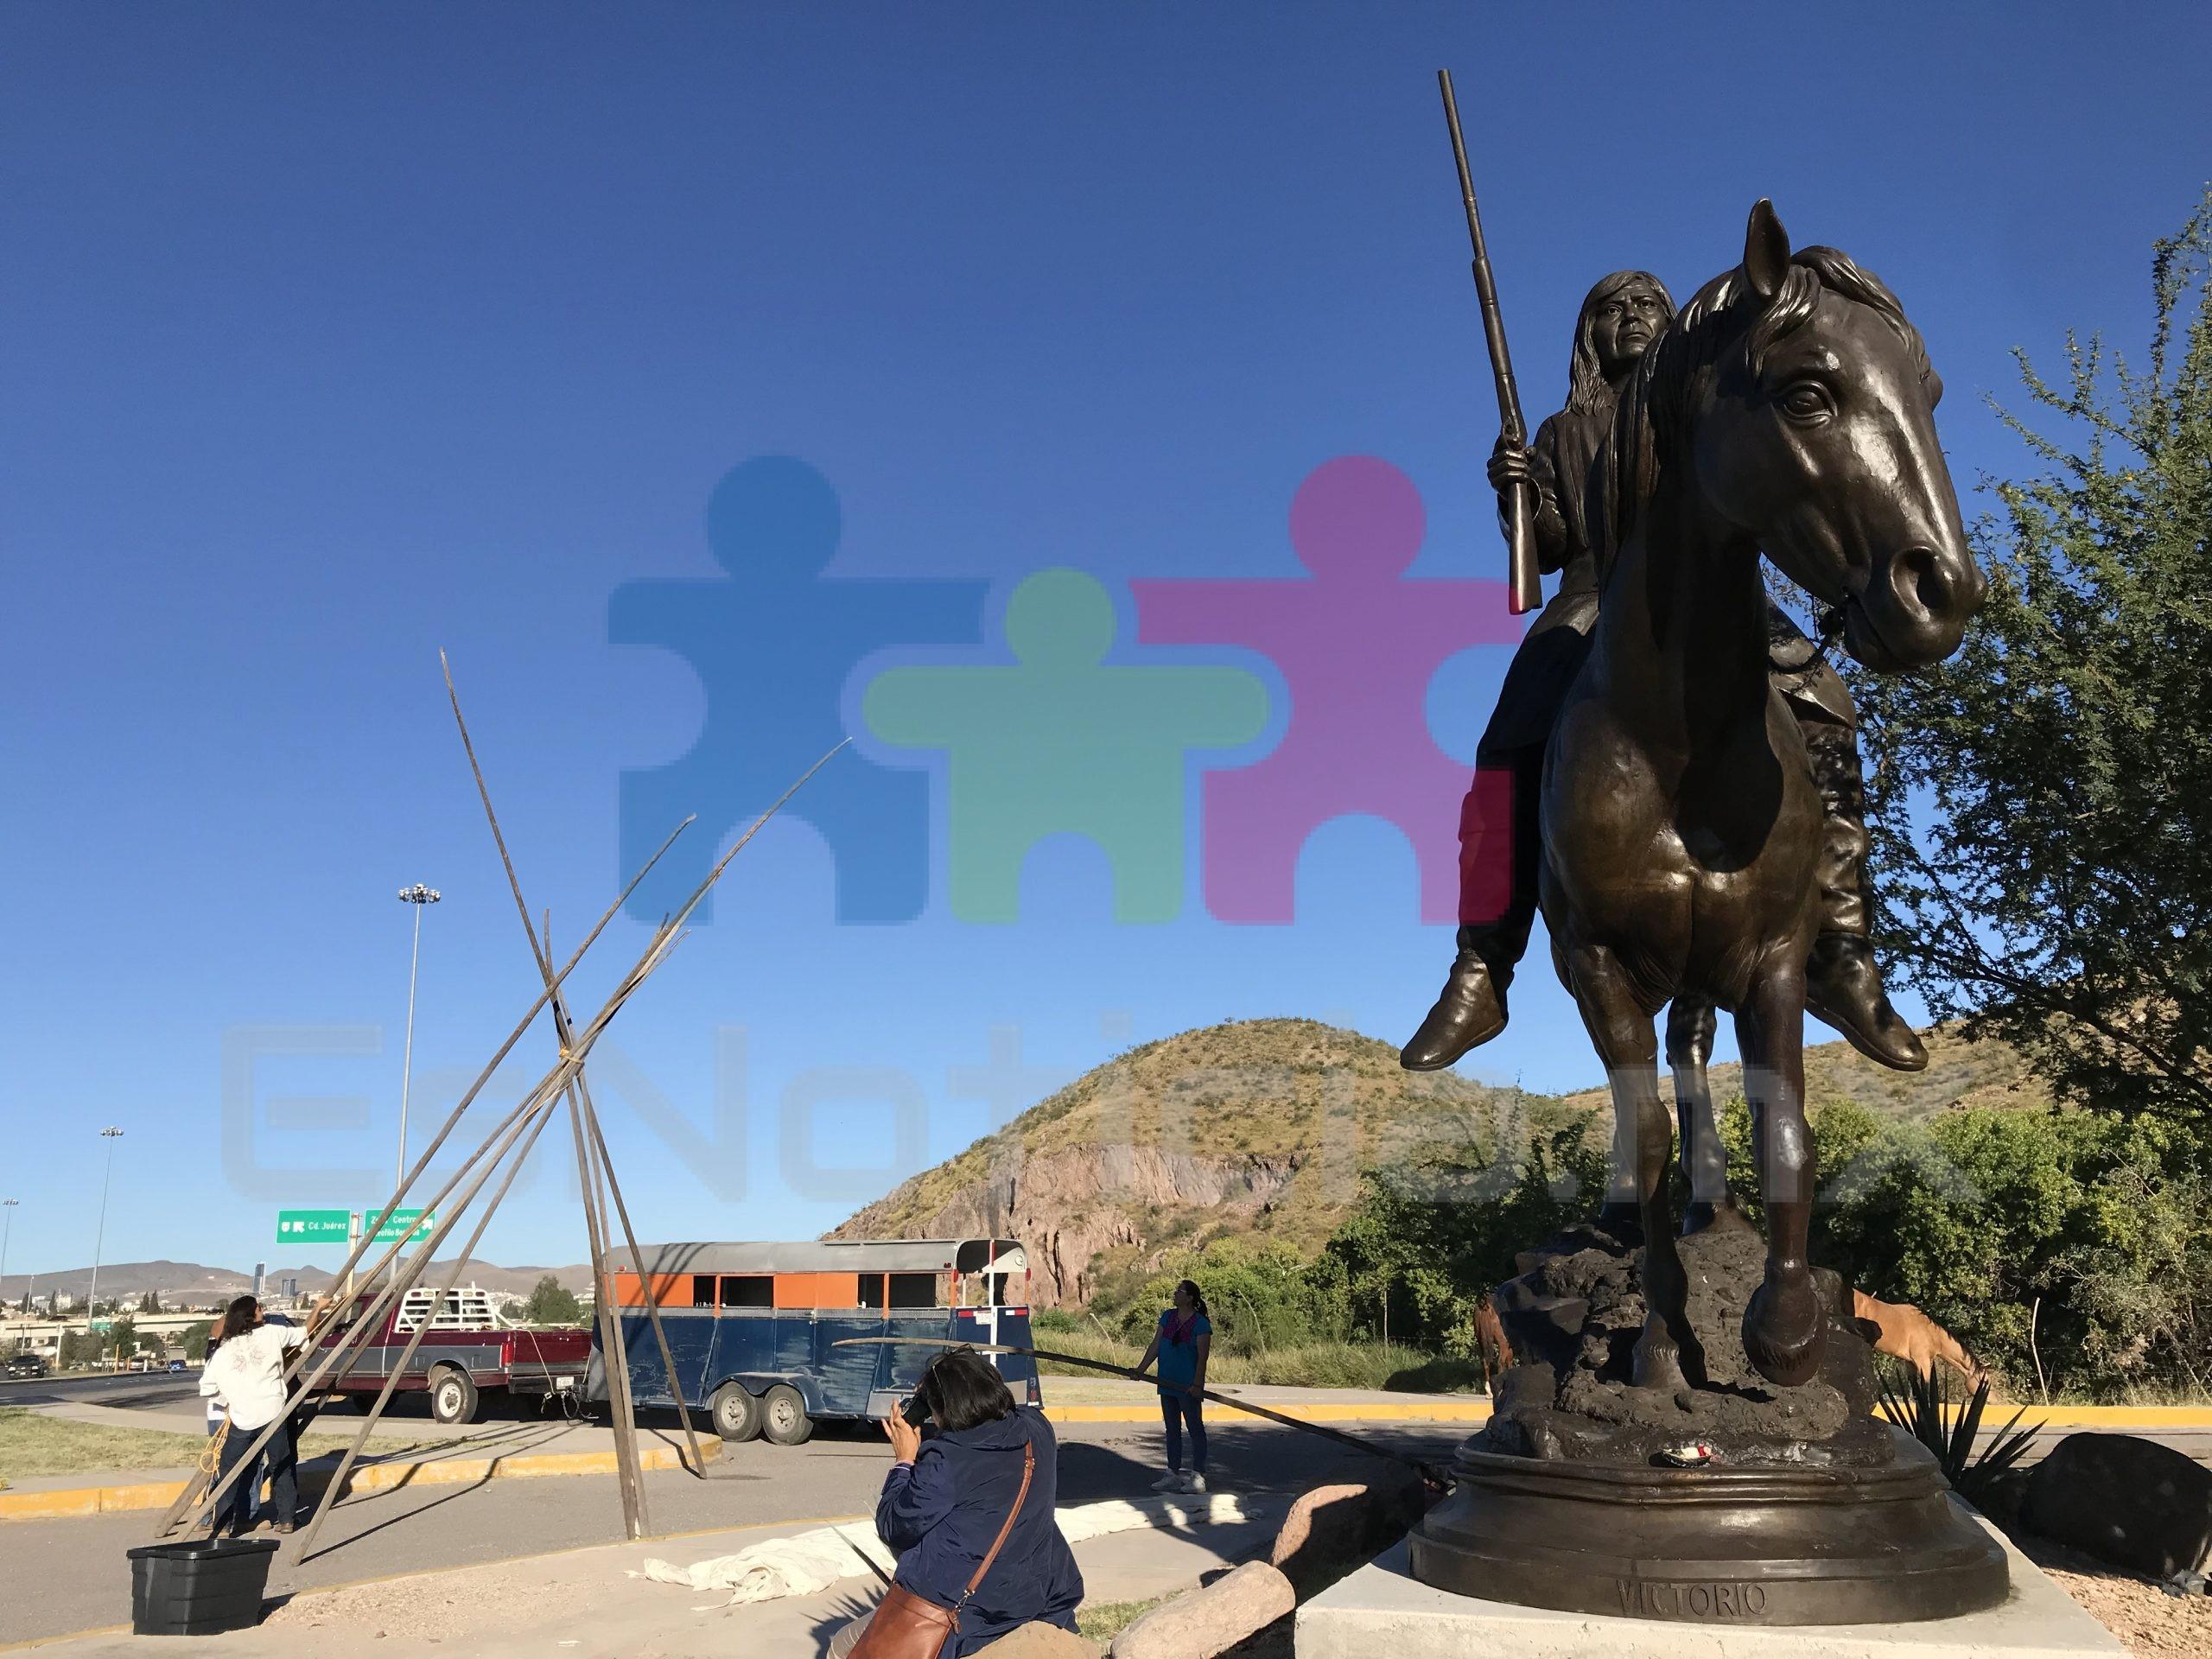 Conmemoran muerte del Indio Victorio